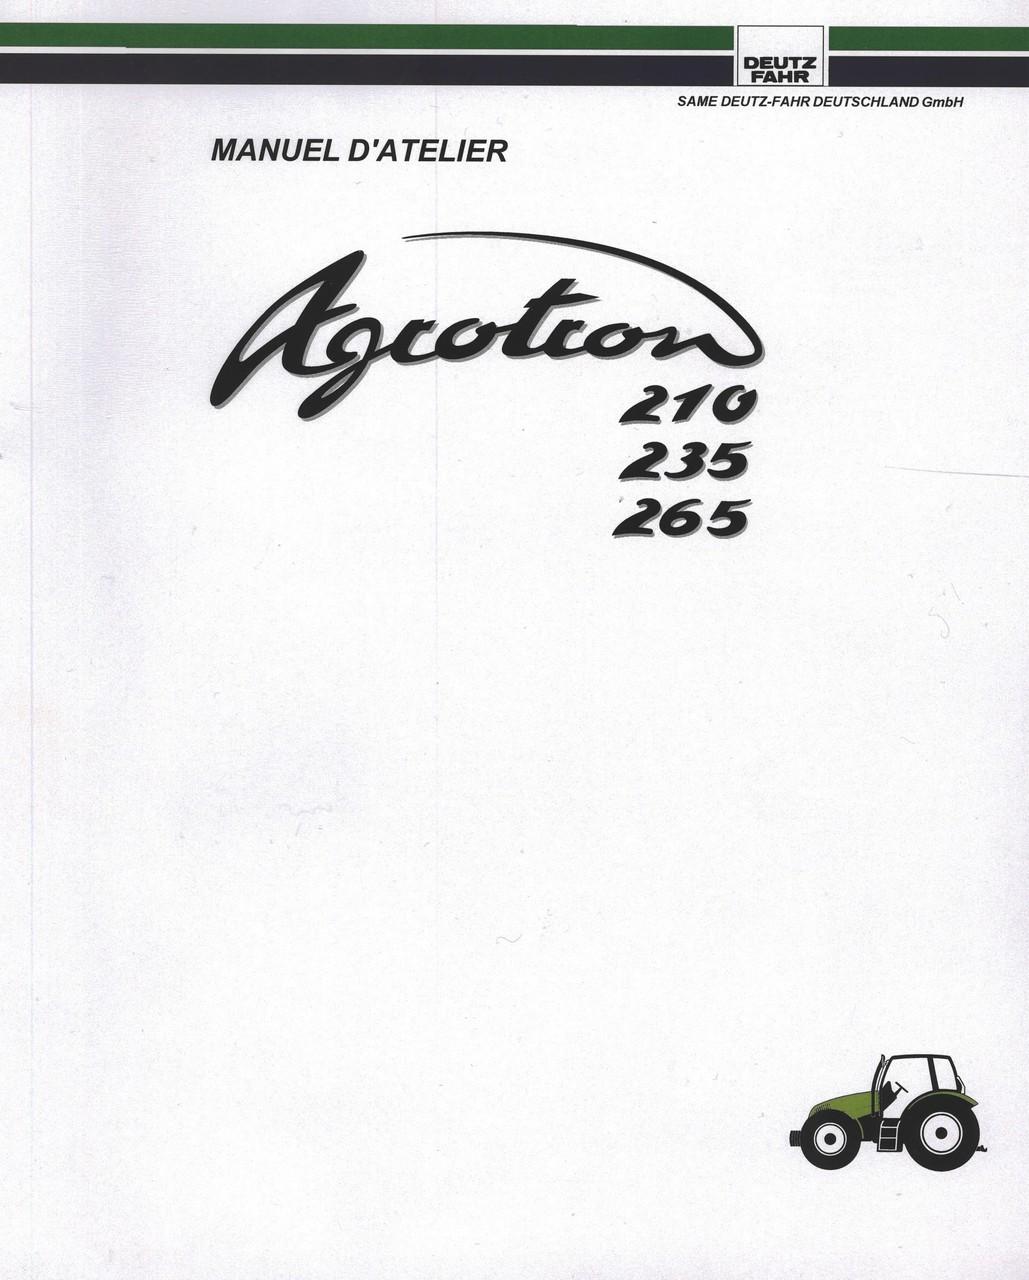 AGROTRON 210 - AGROTRON 235 - AGROTRON 265 - Manuel d'atelier